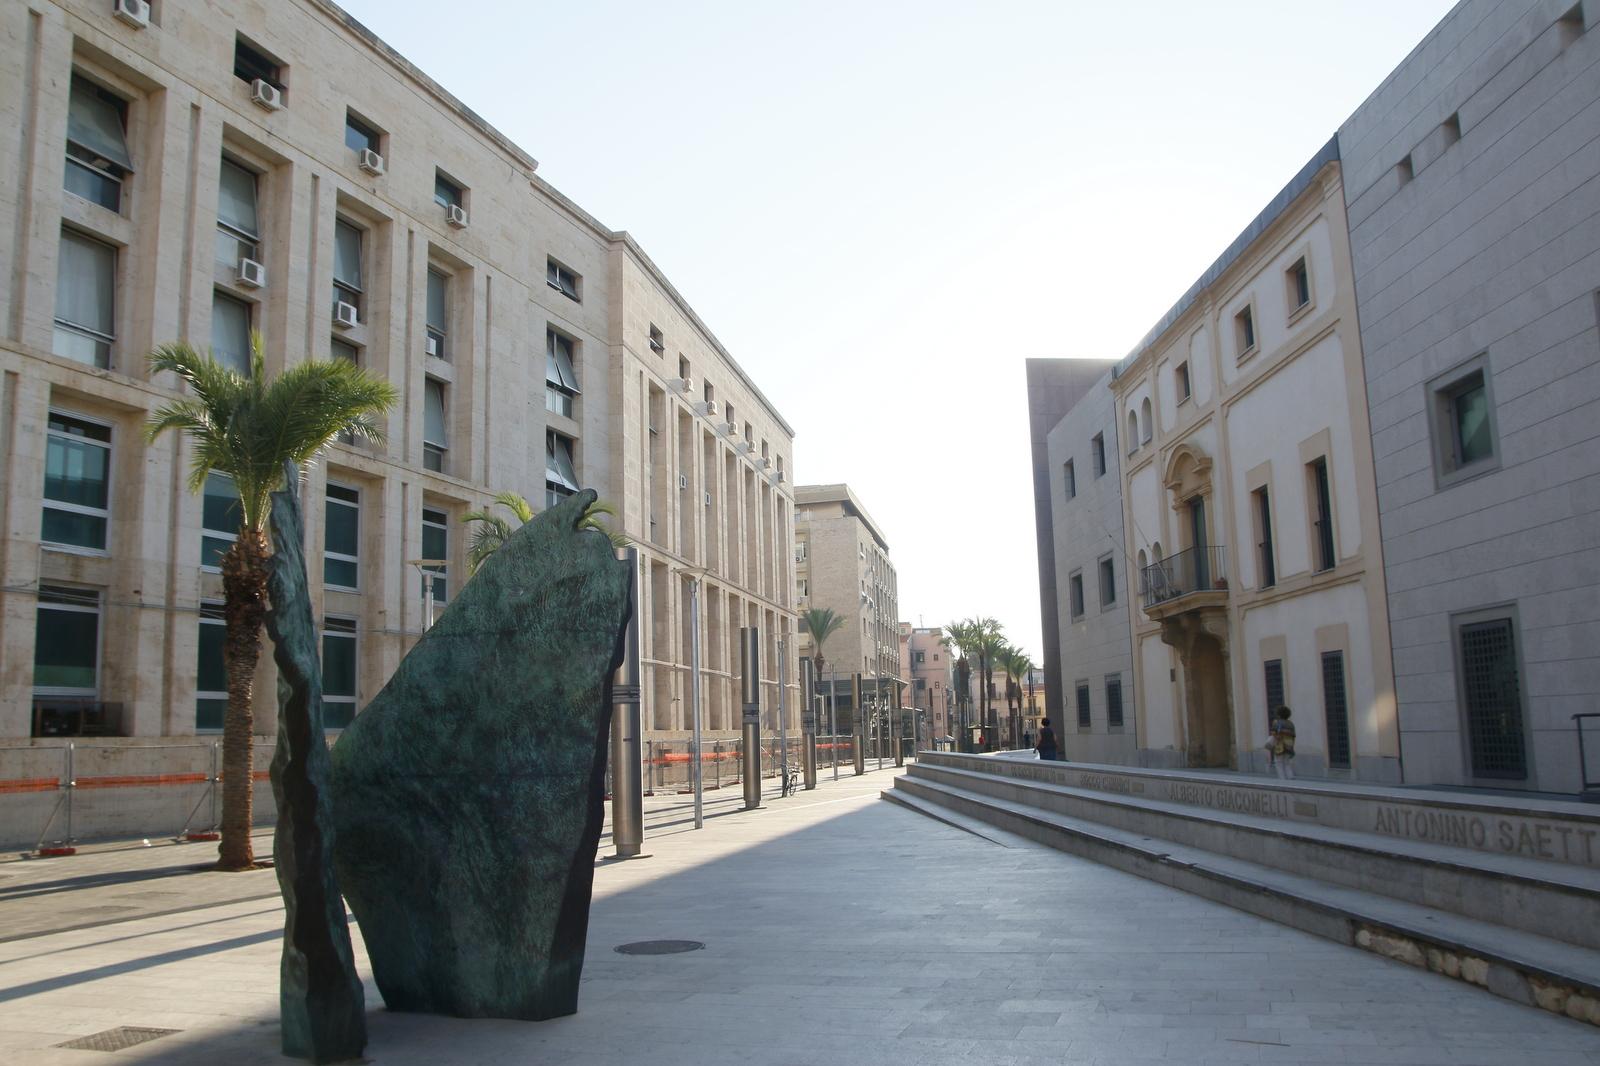 Palermo, novejši del mesta